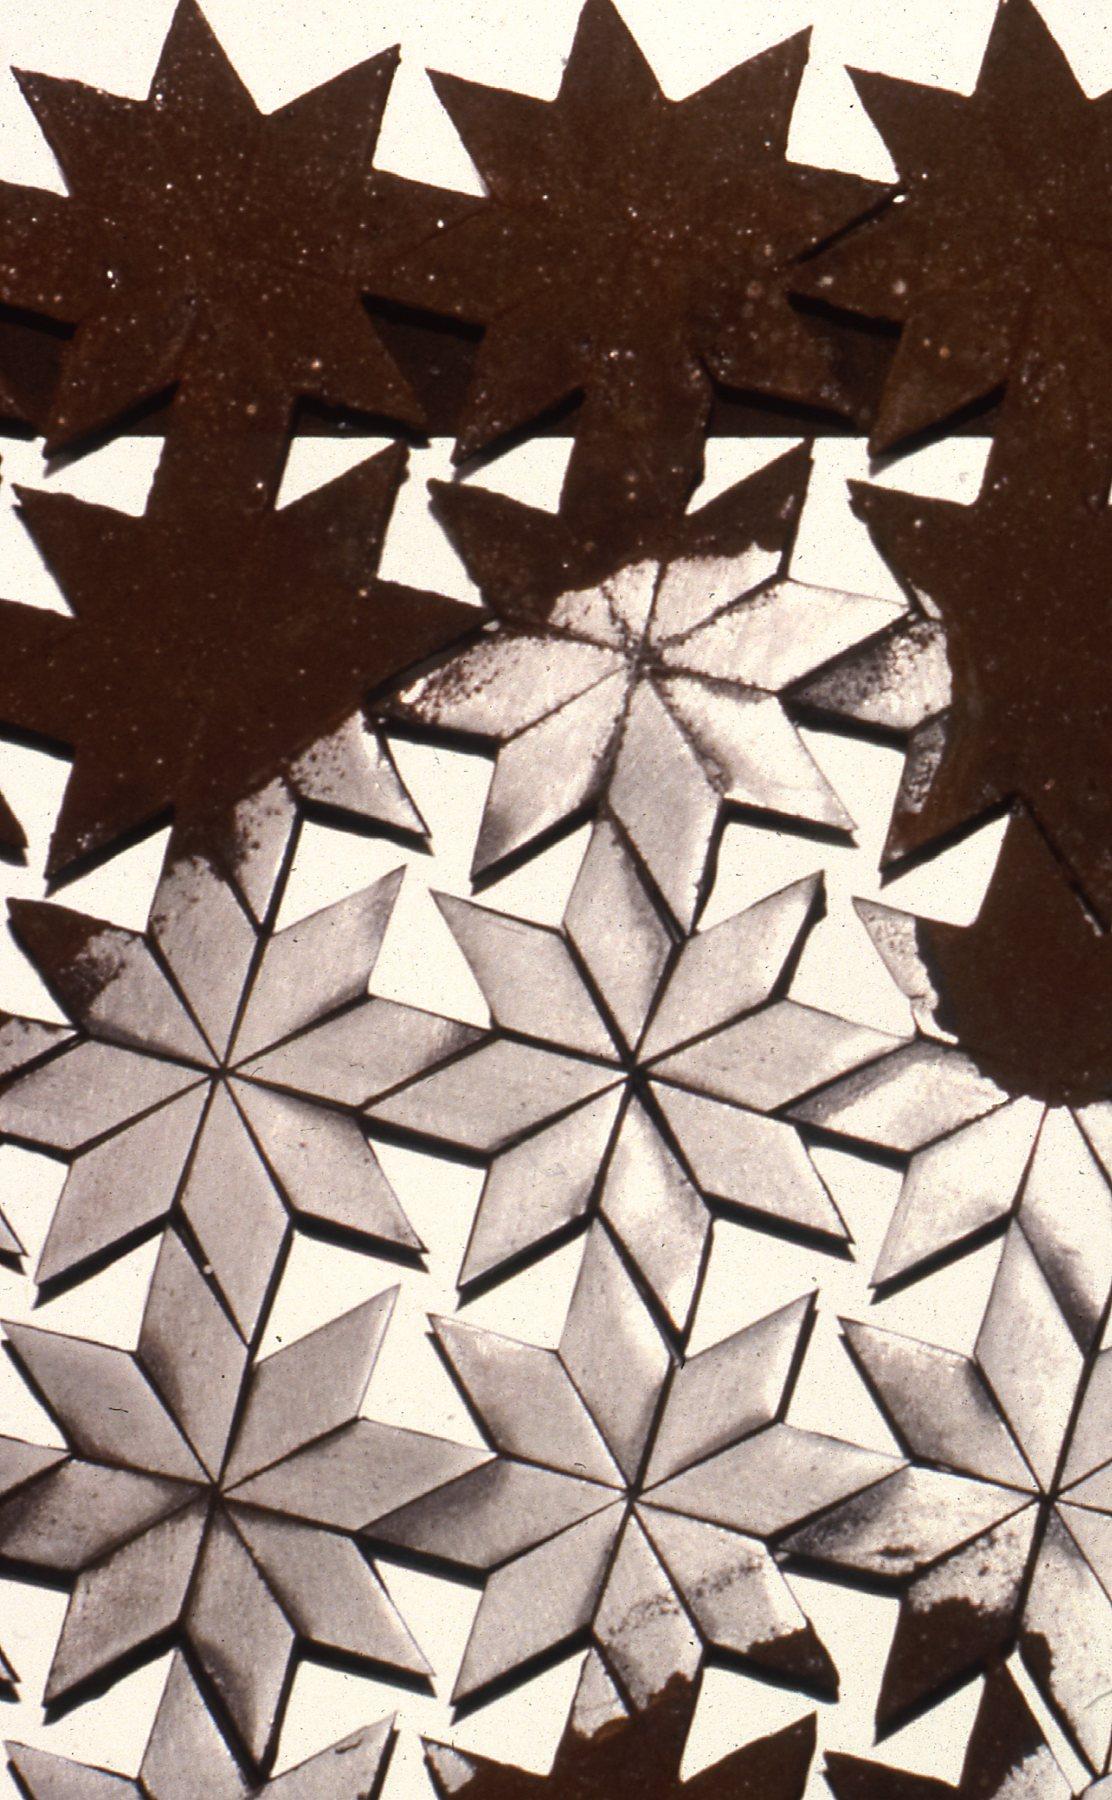 Steel Quilt (detail)